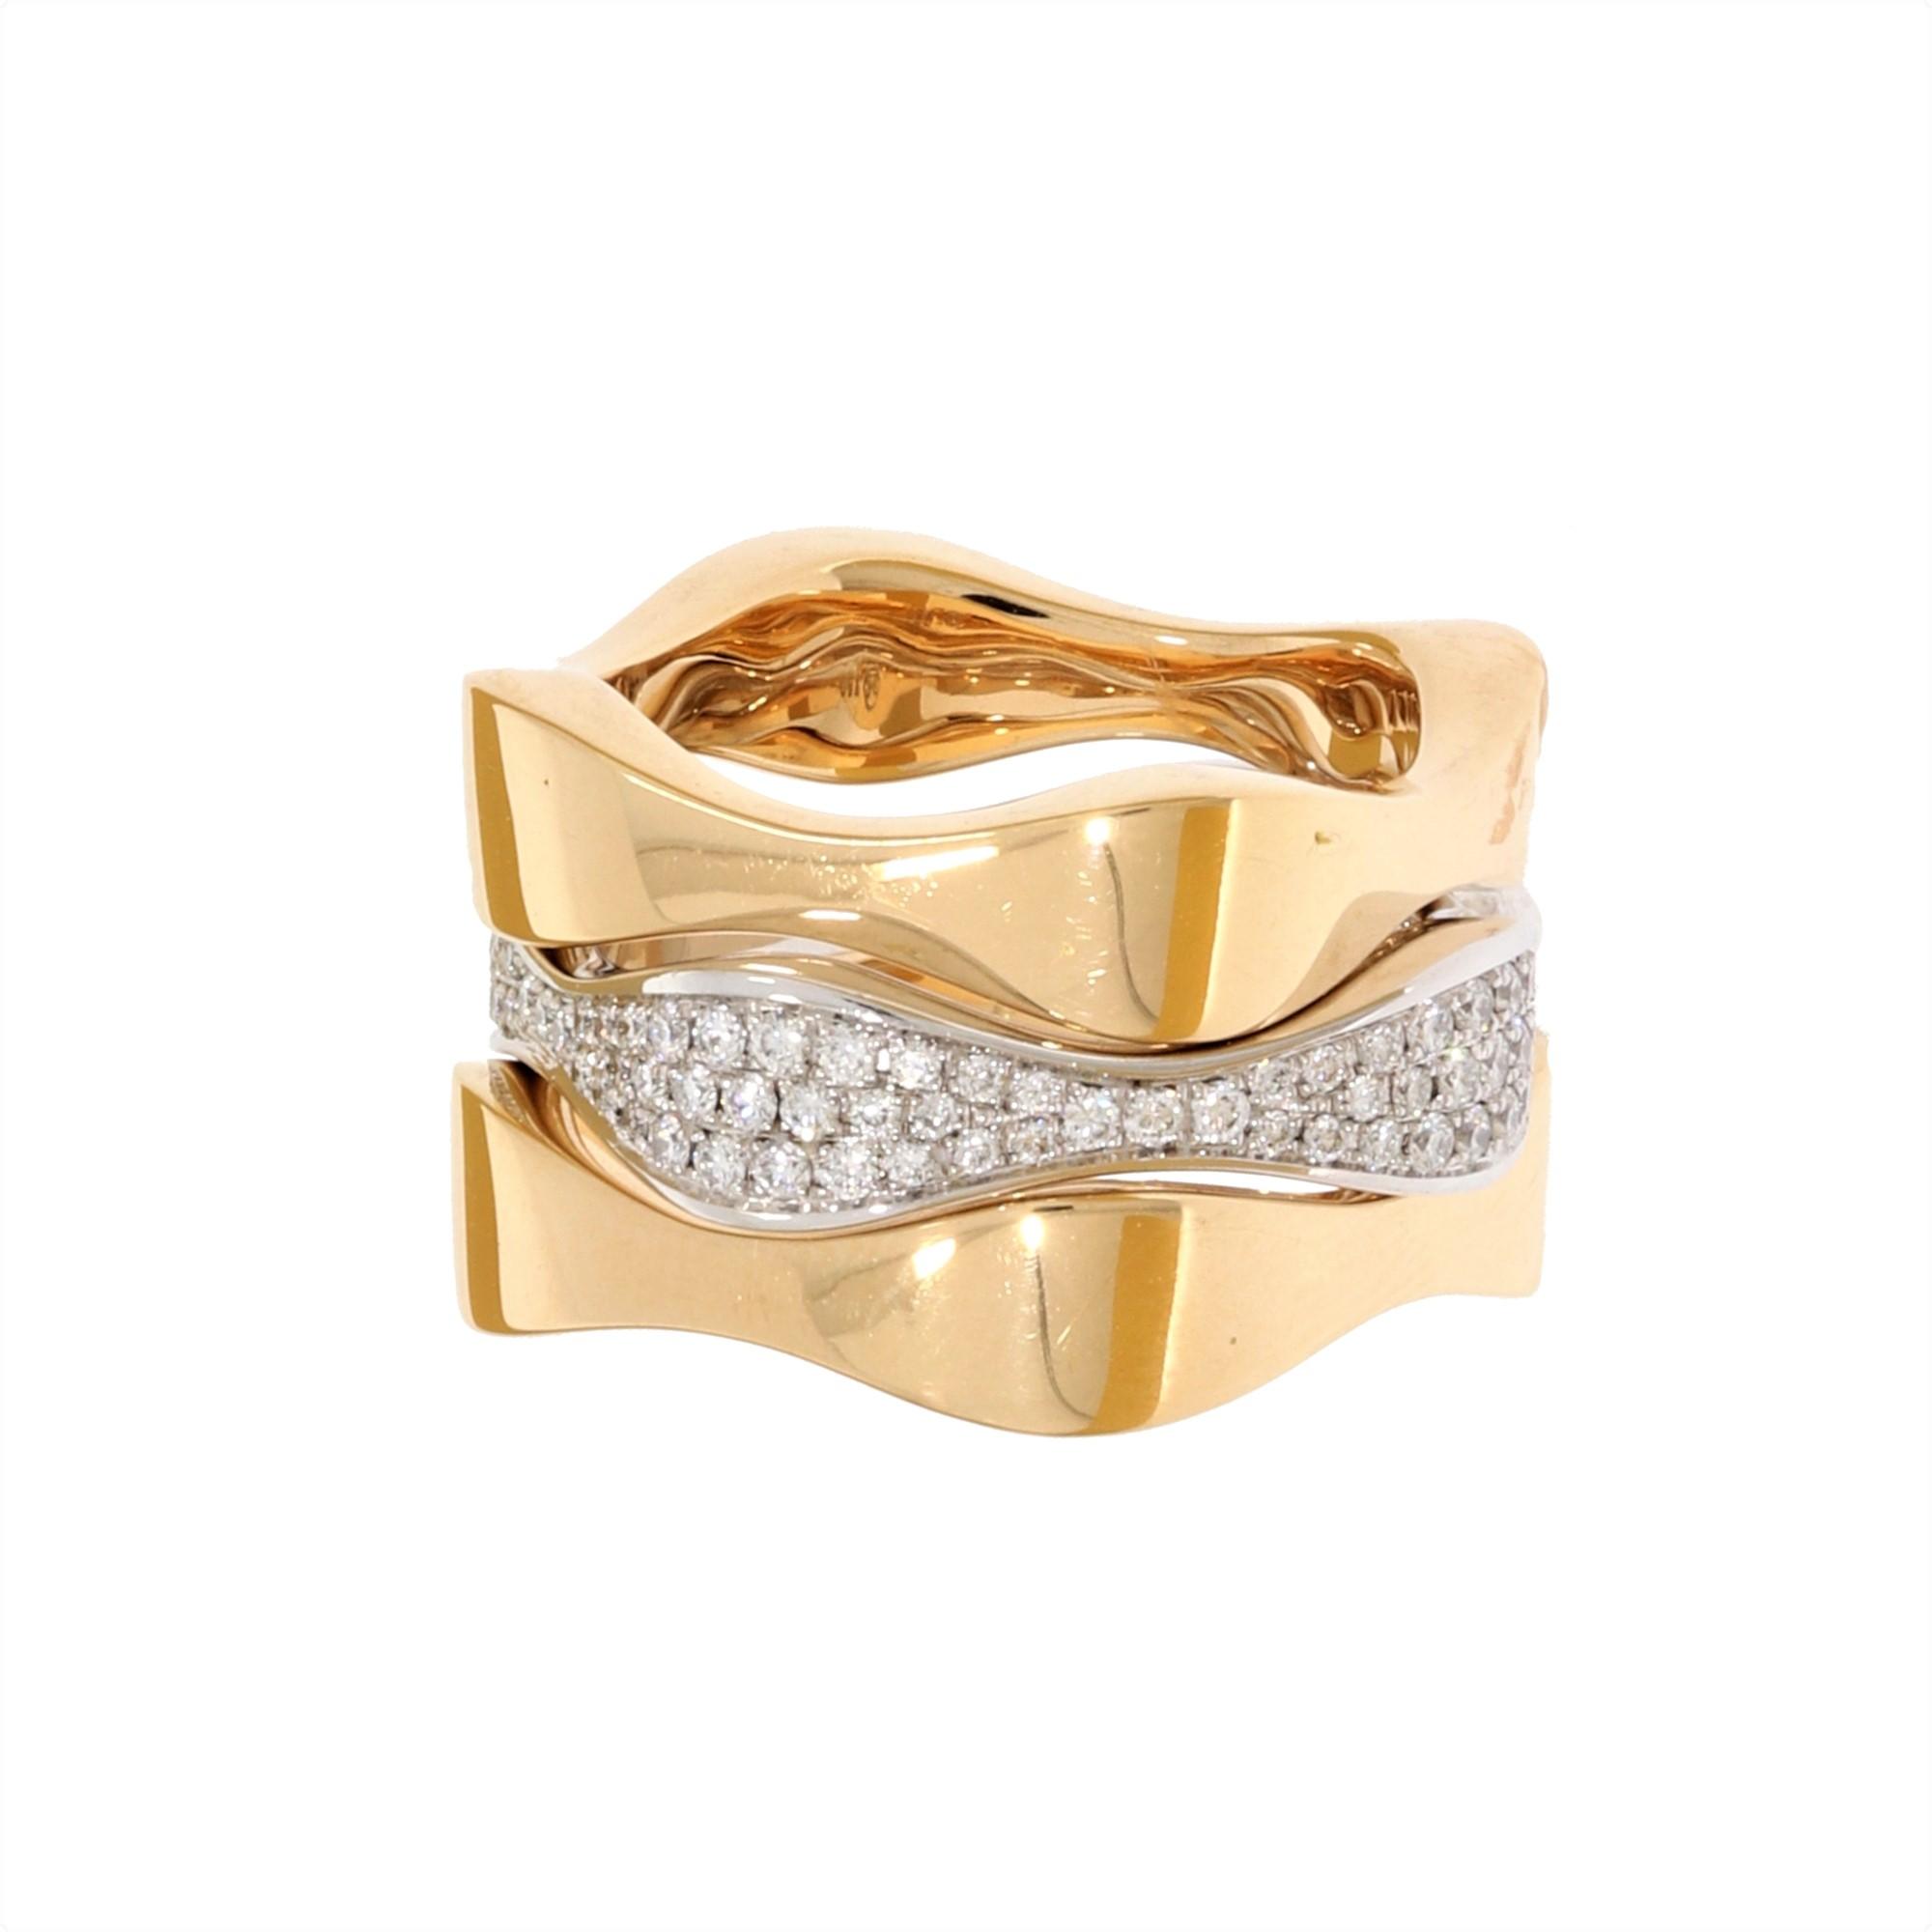 Brillantring-18k-weißgold-rosegold-